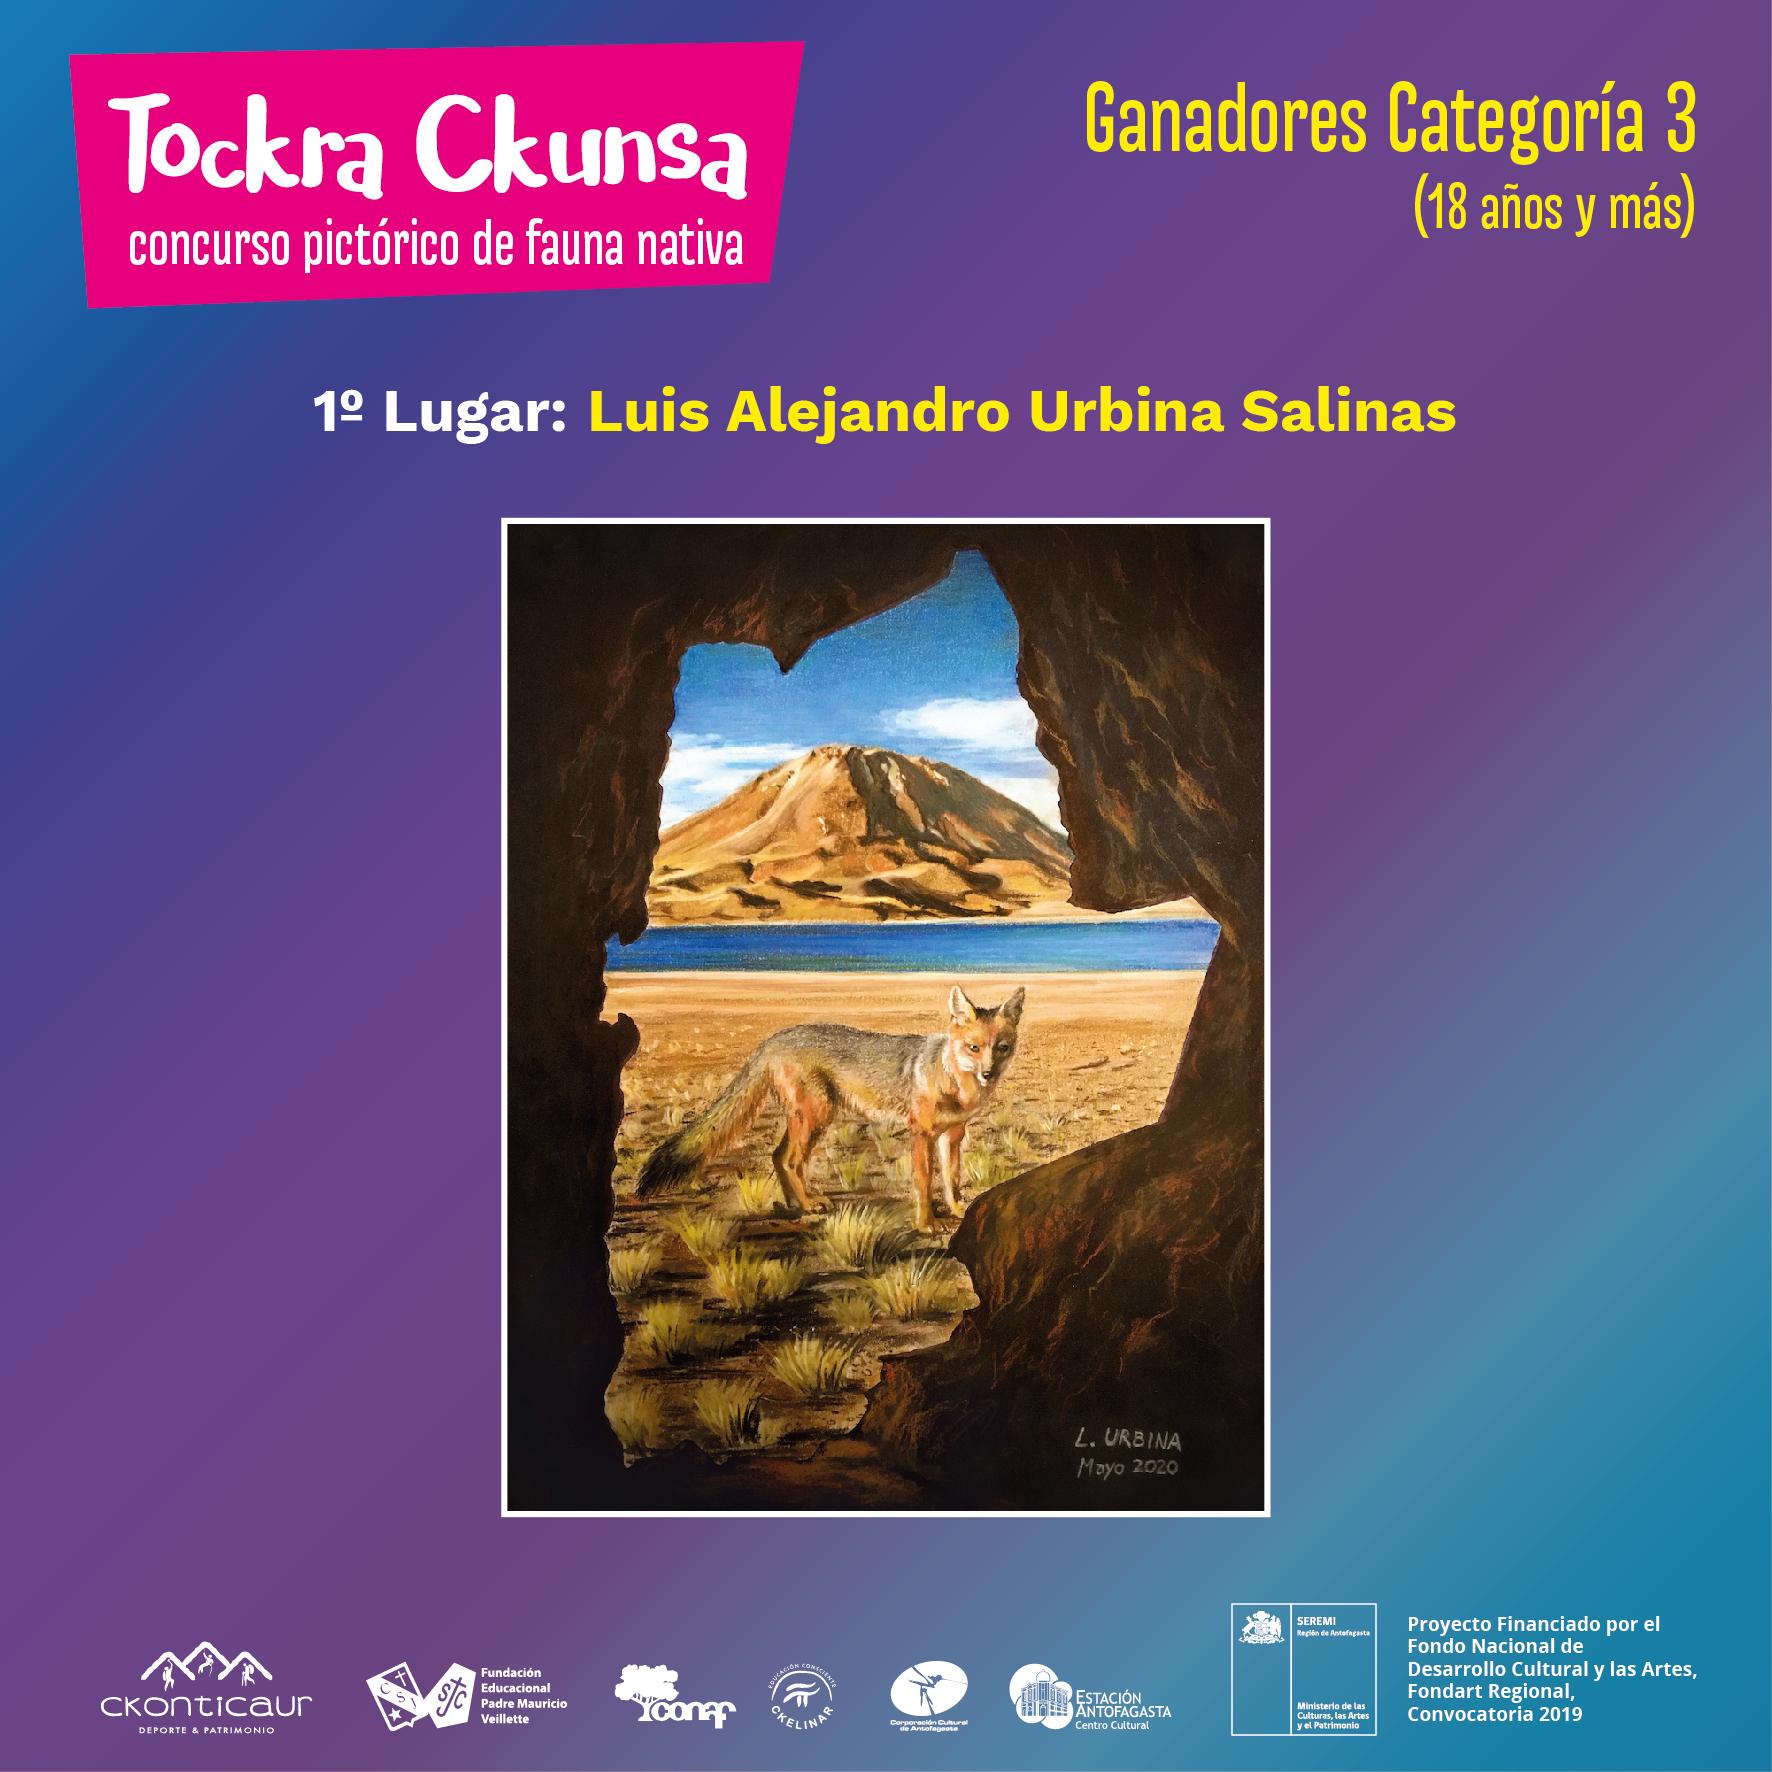 GANADORES CONCURSO DE DIBUJO Y PINTURA DE FAUNA NATIVA: TOCKRA CKUNSA